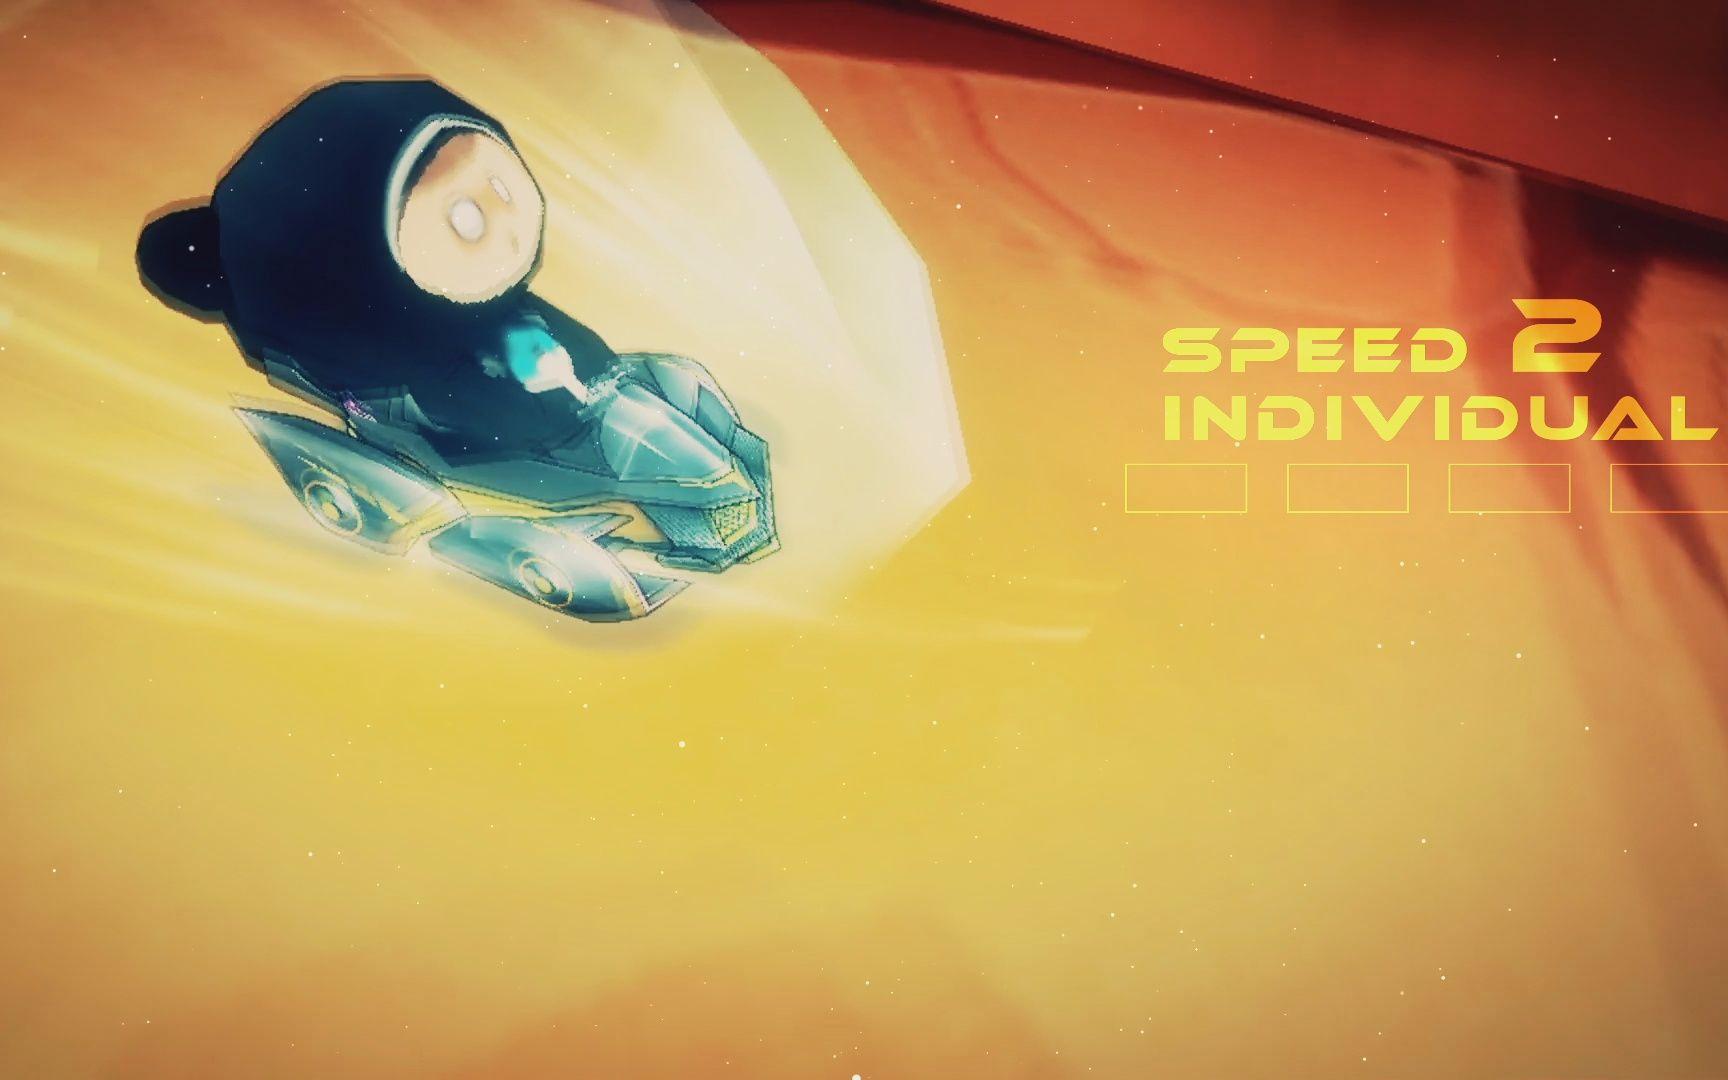 【七月传媒】跑跑卡丁车-Panda丶Tb S2个人太空蜿蜒跑道 1.45.81 黑色甲虫9工厂改